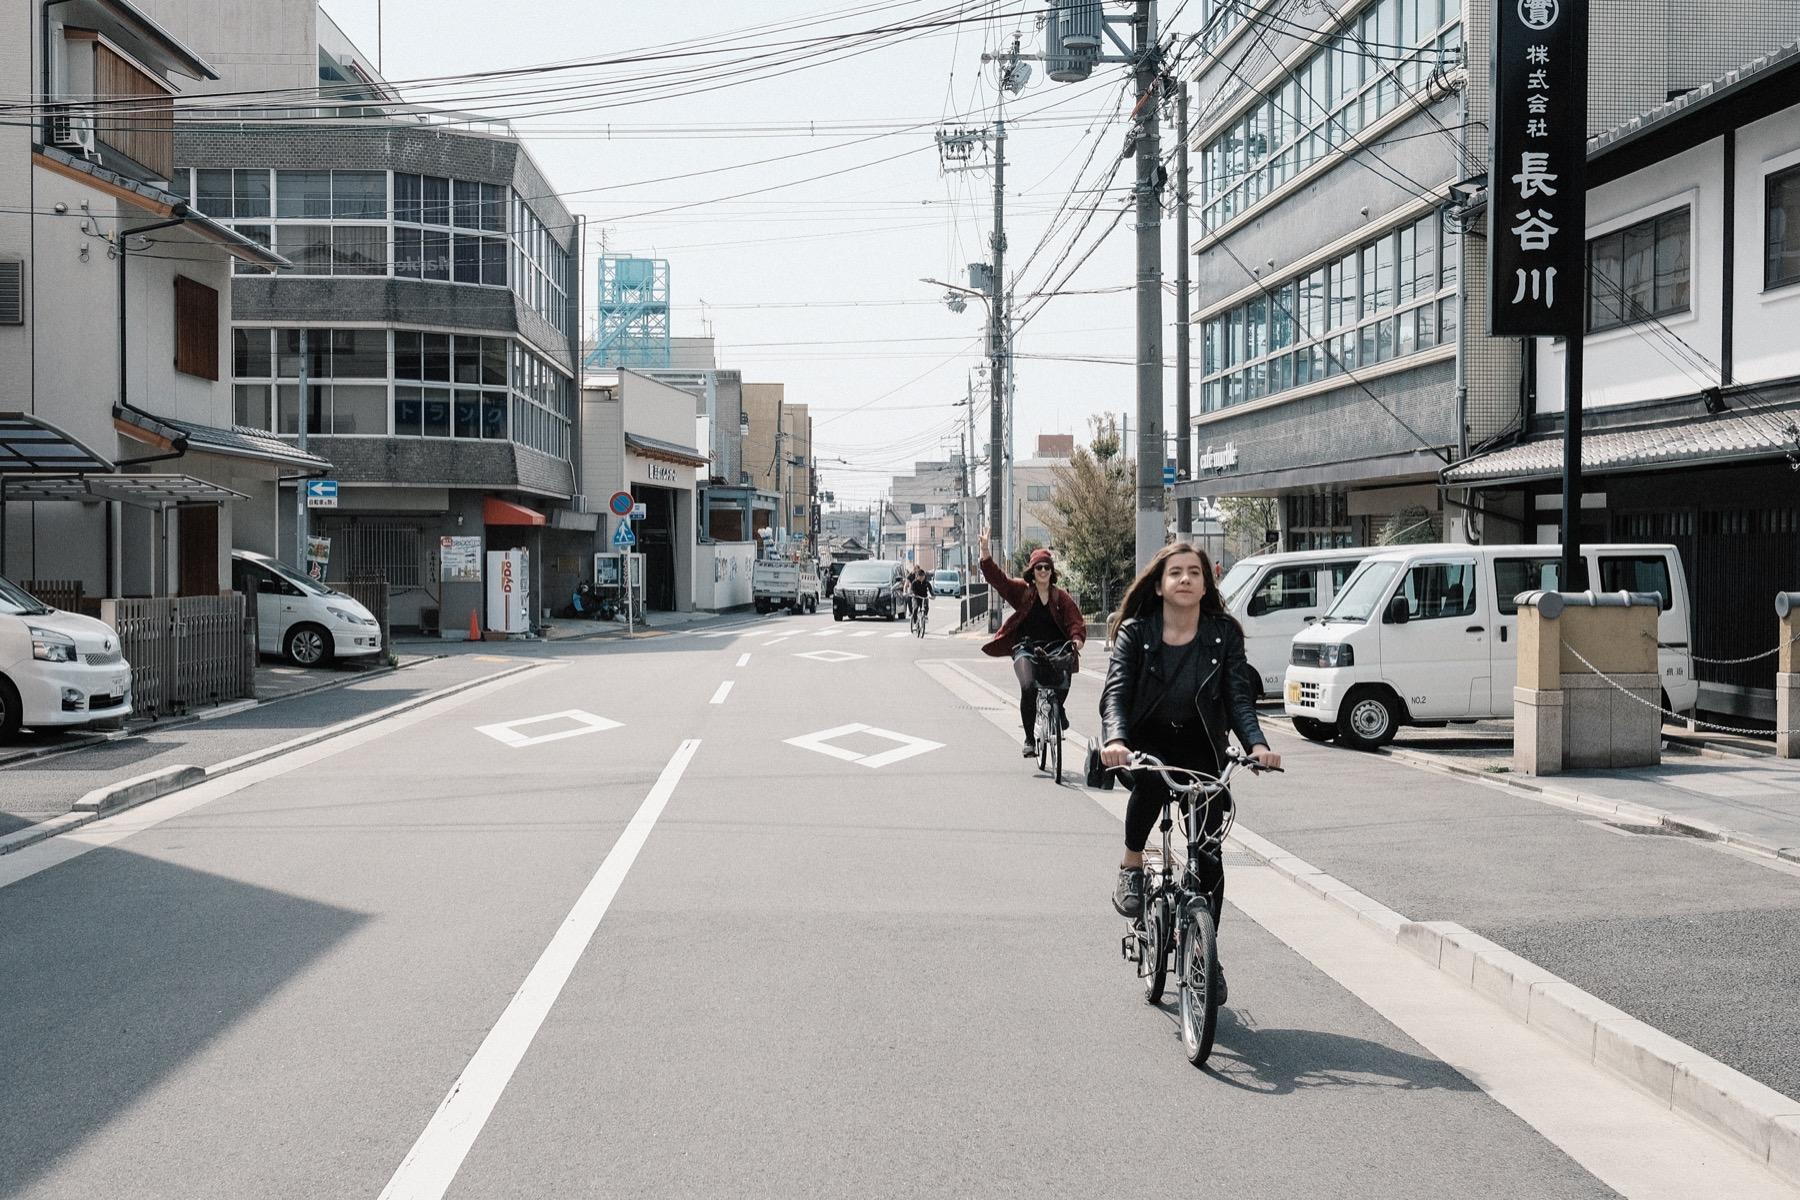 Kinlake-Kyoto-Lifestyle-2018-7363